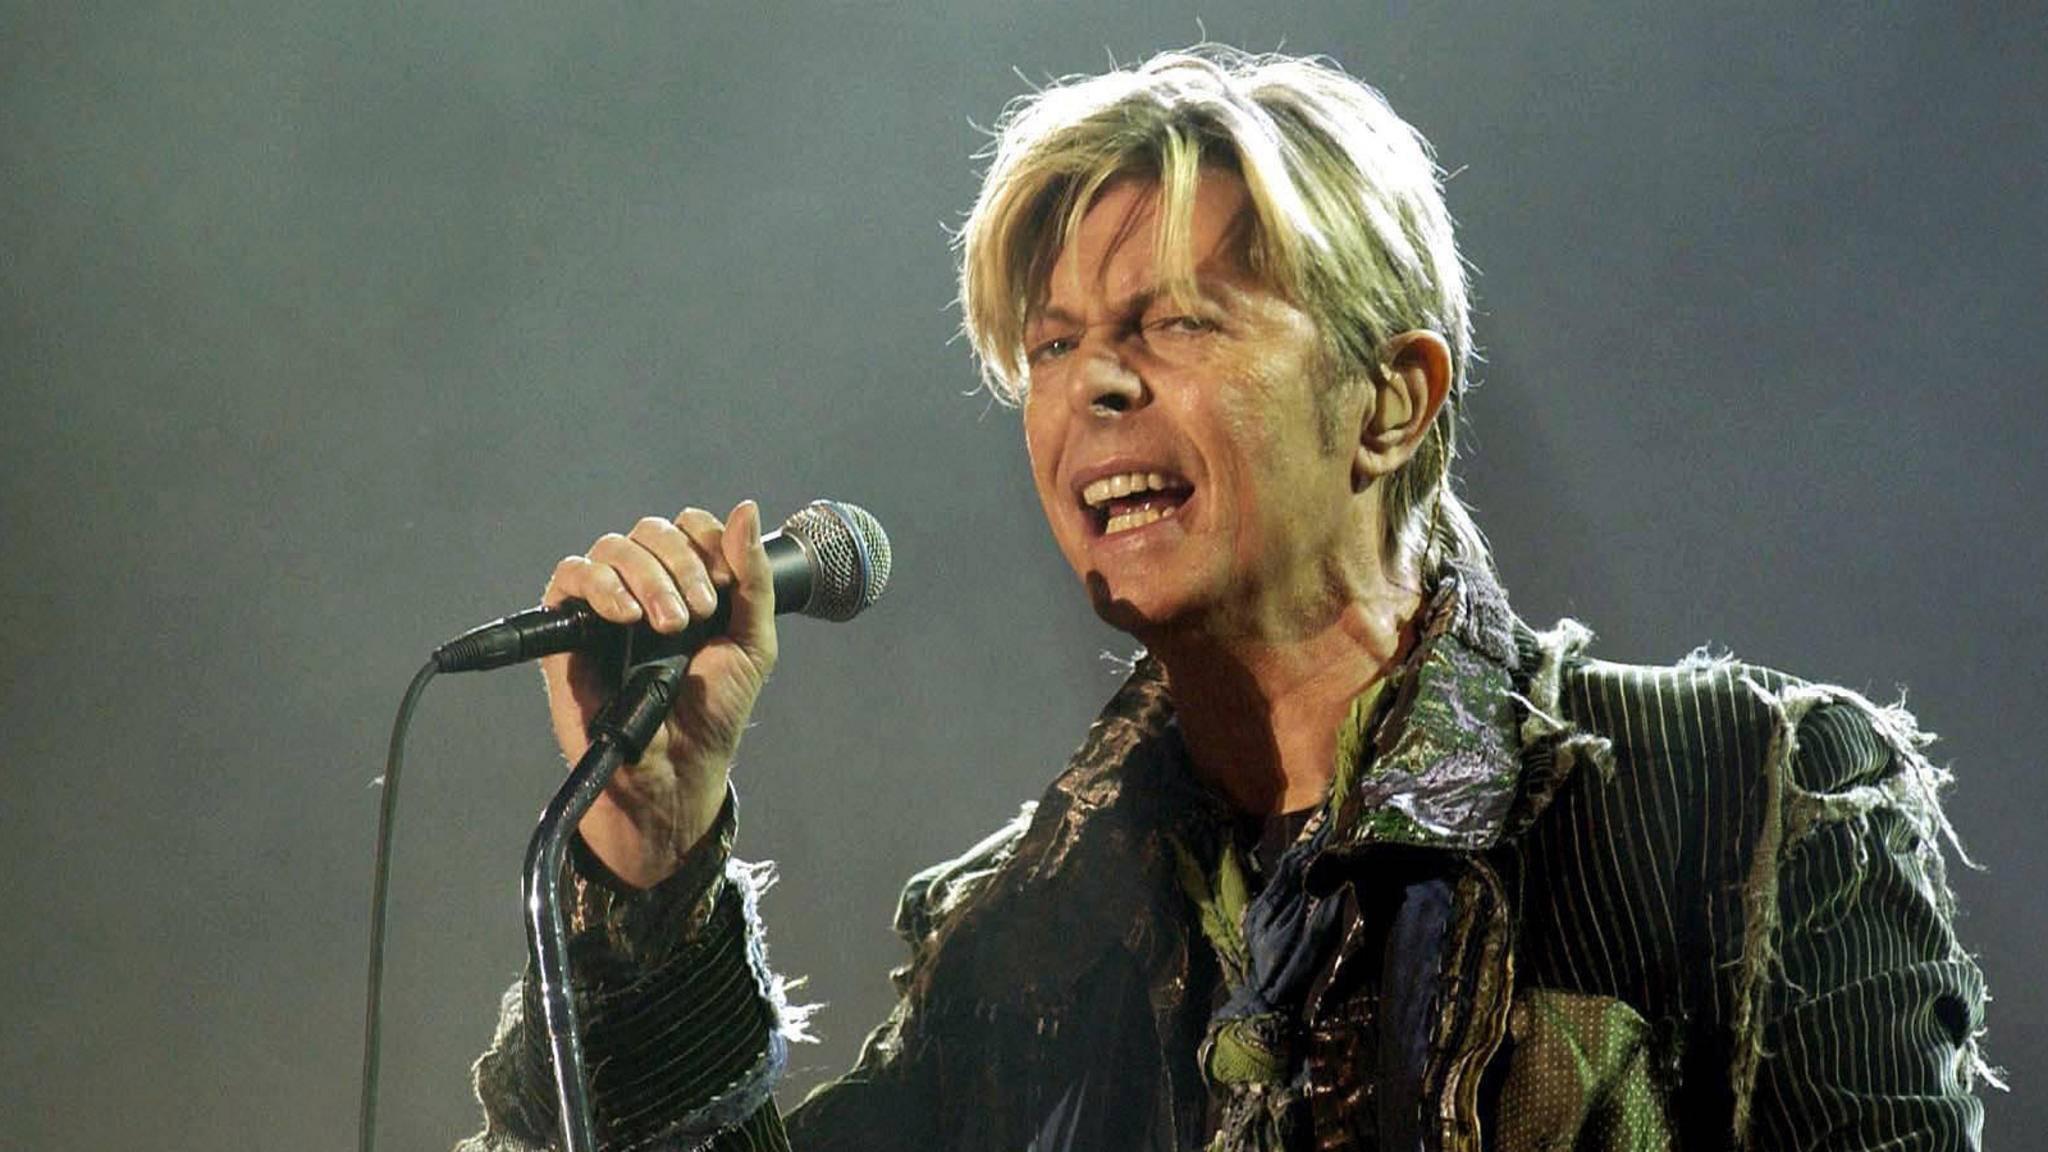 David Bowie verstarb Anfang dieses Jahres im Alter von 69 Jahren. Nun wird einer seiner Songs in die Grammy Hall of Fame aufgenommen.